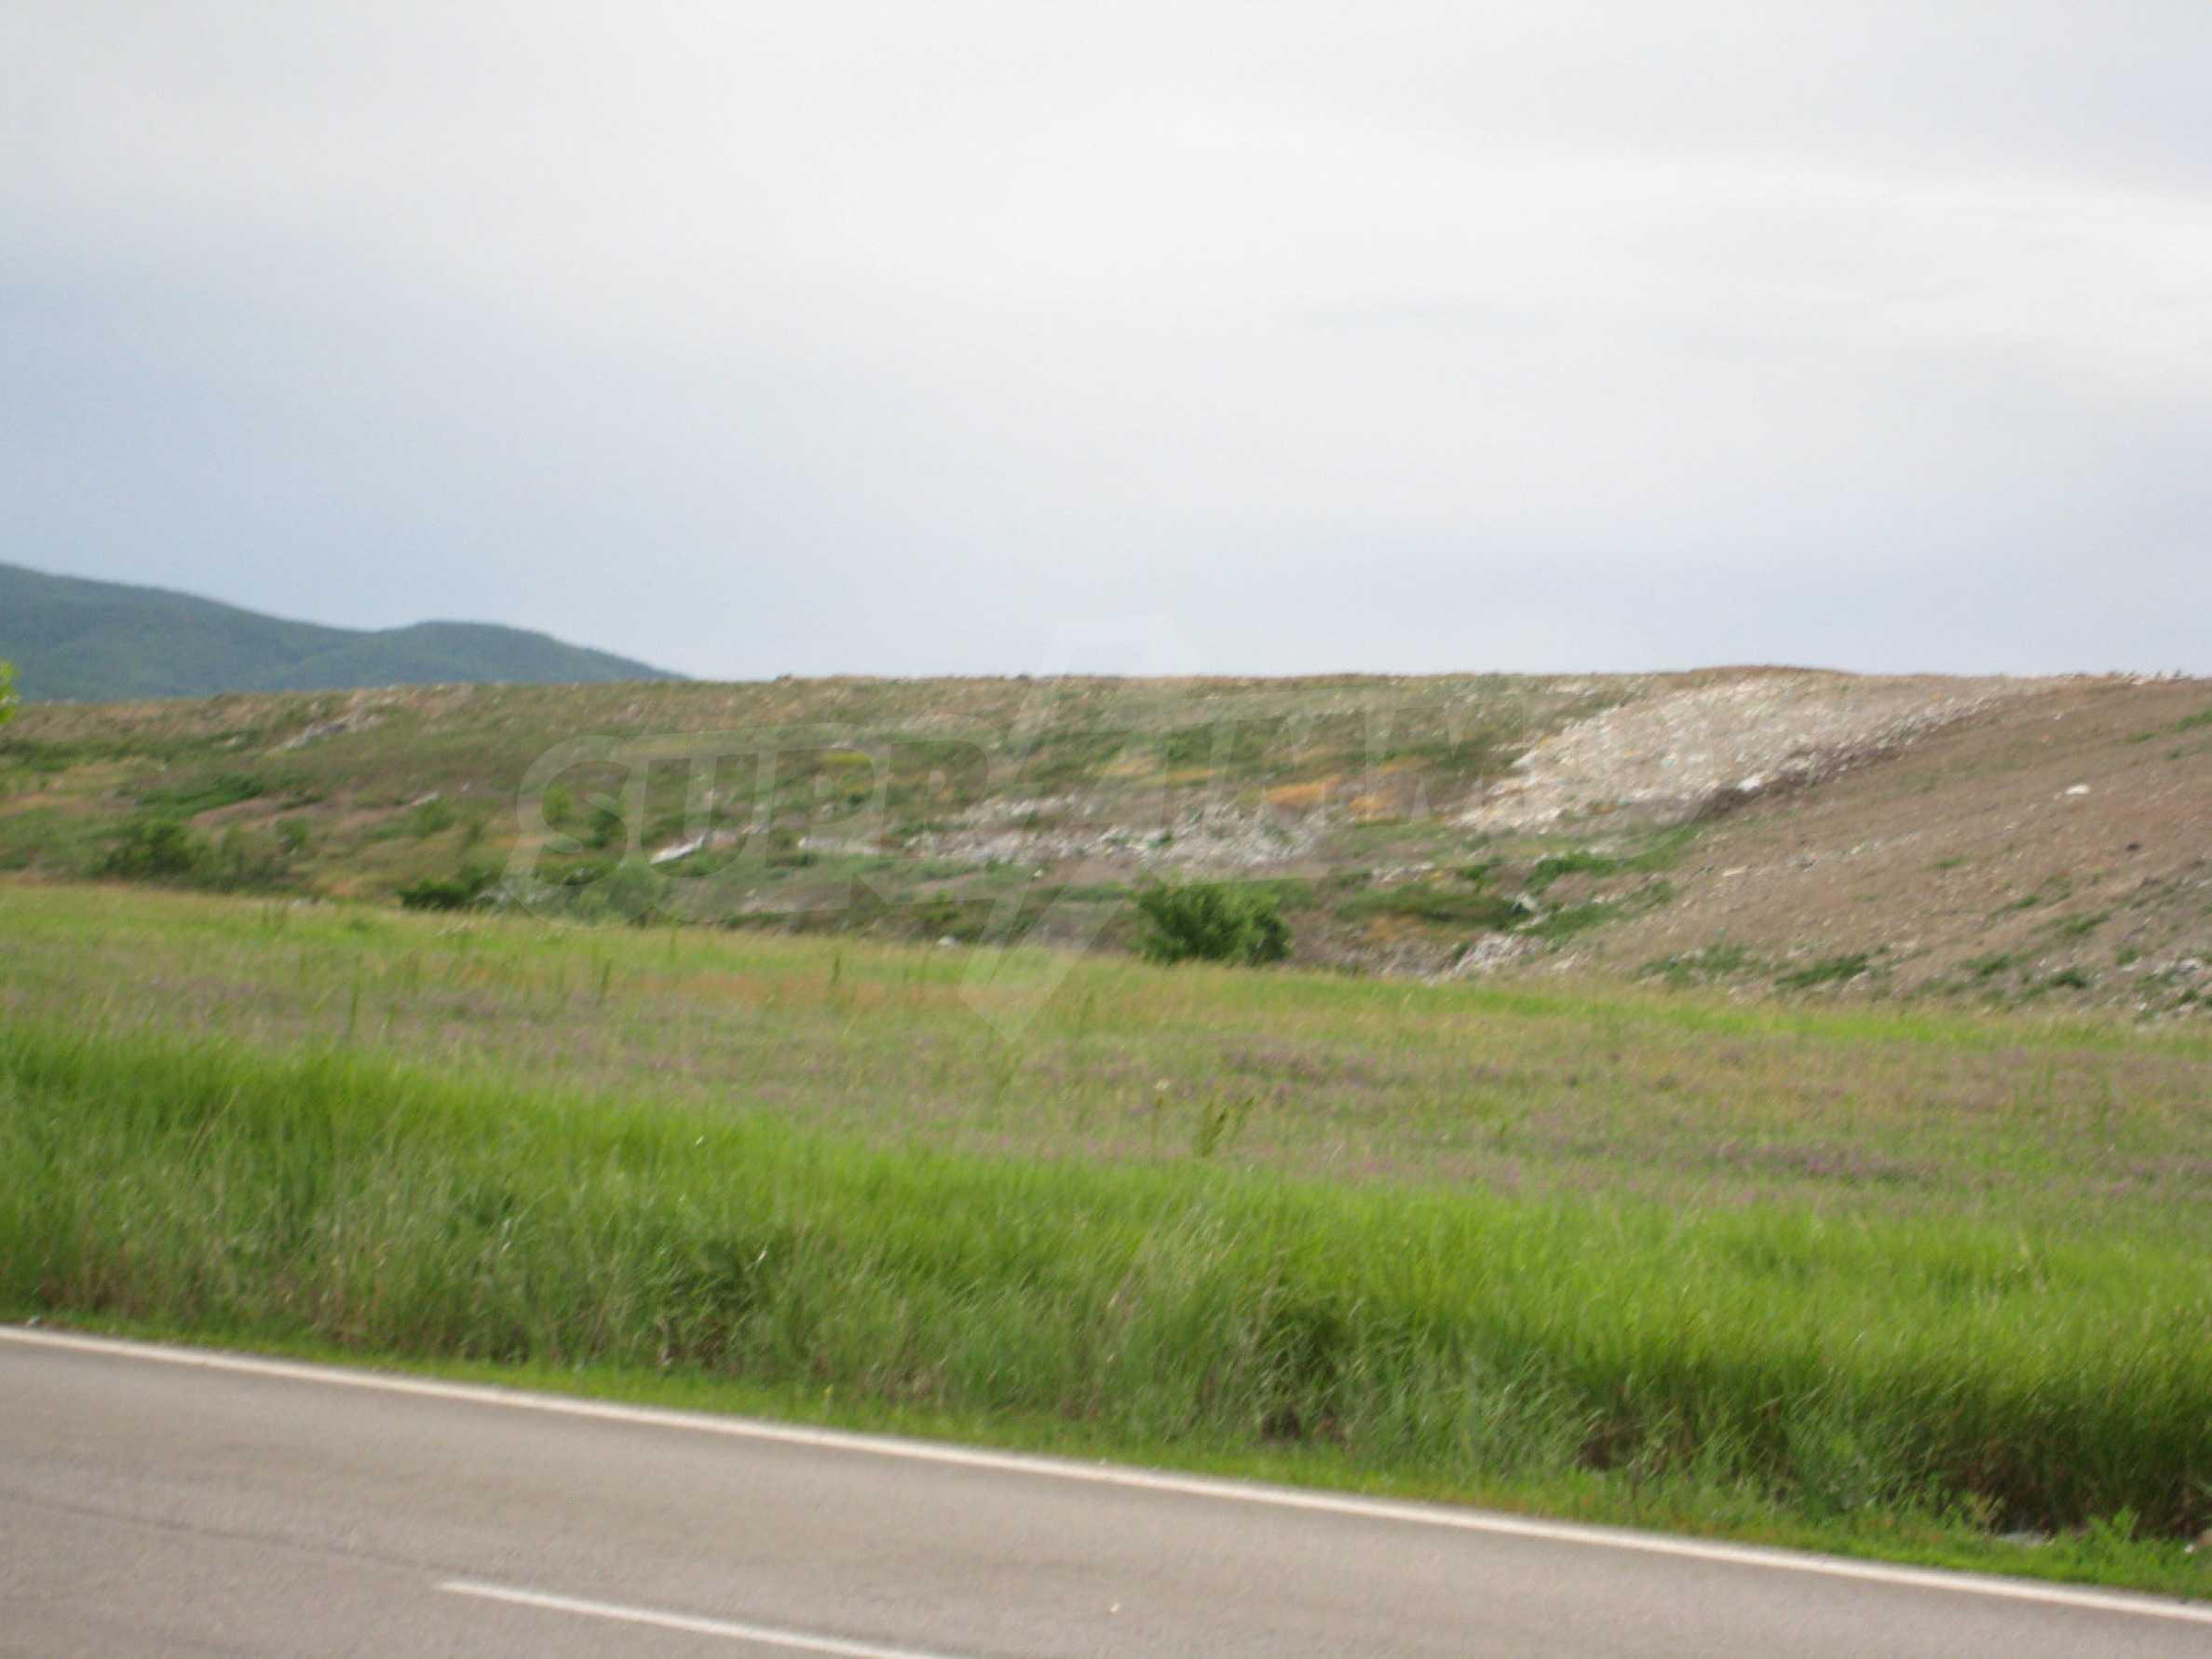 Agricultural land at asphalt road in Suhodol 13